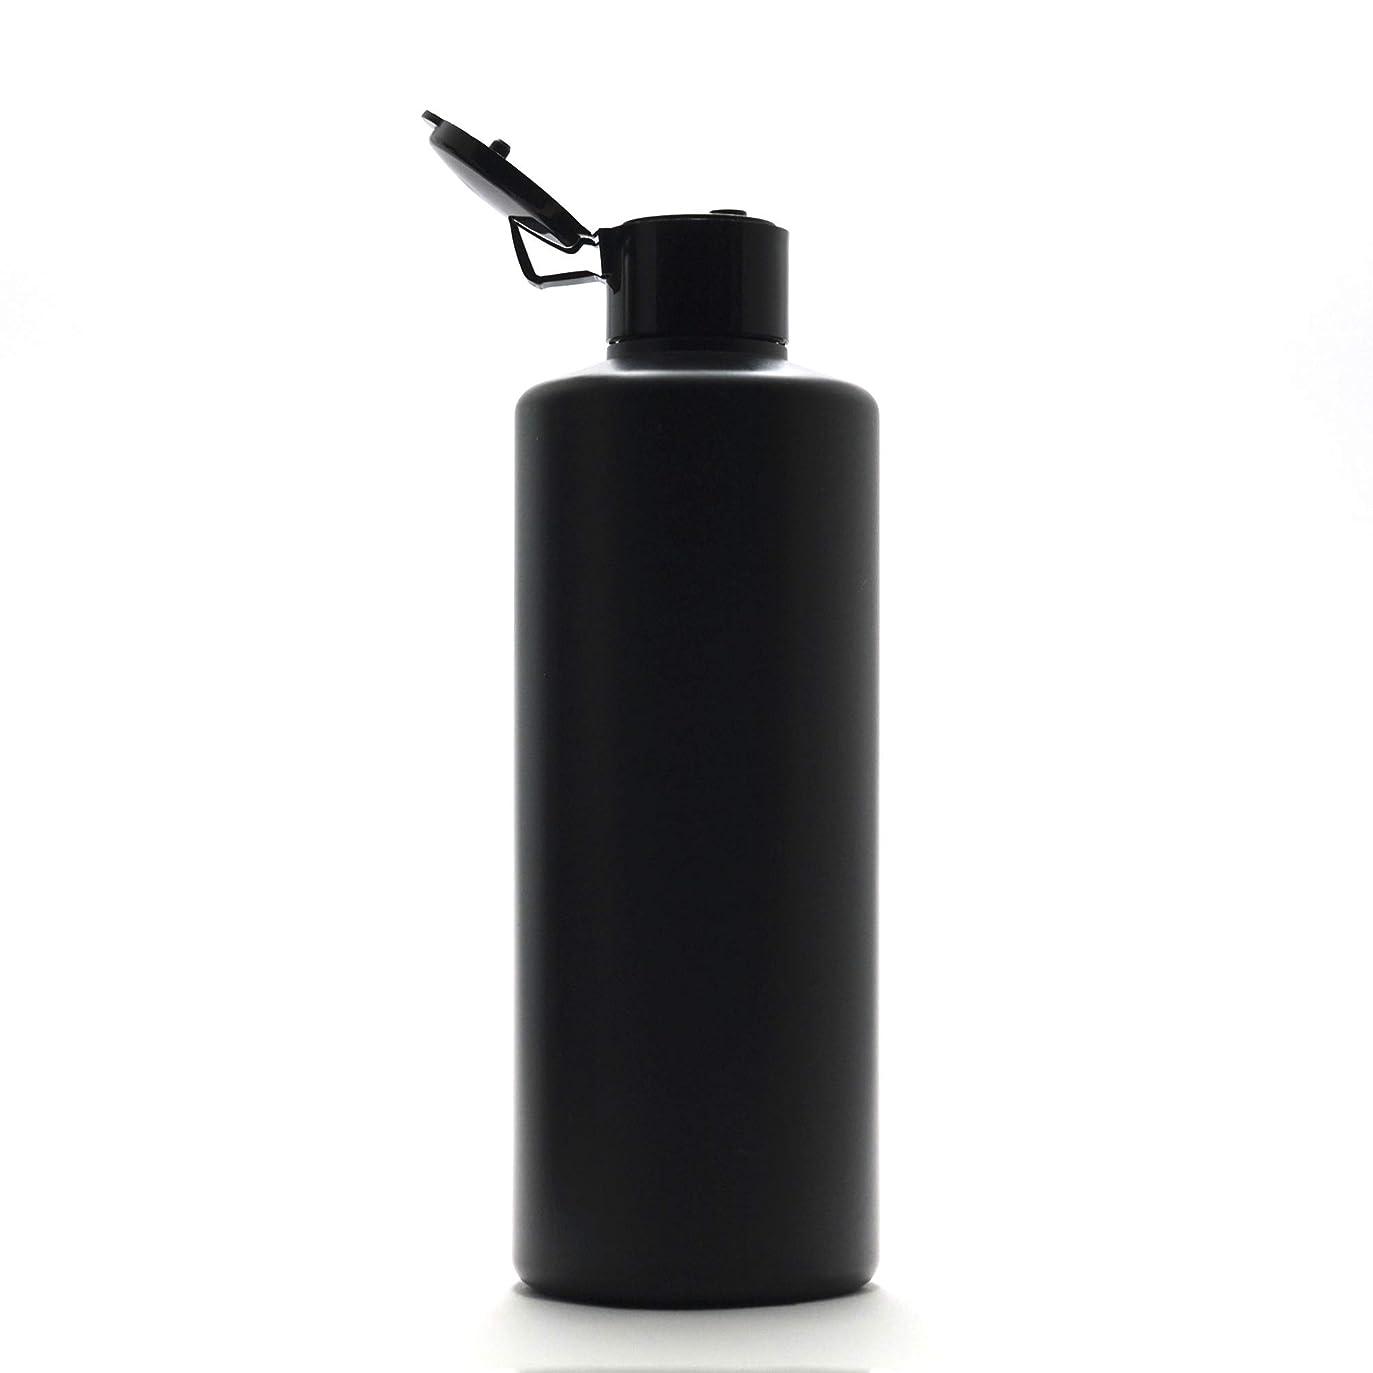 プラスチック容器 300ml PE ストレートボトル [ ボトル: 遮光黒 / ヒンジキャプ:ブラック ※パッキン付き ]